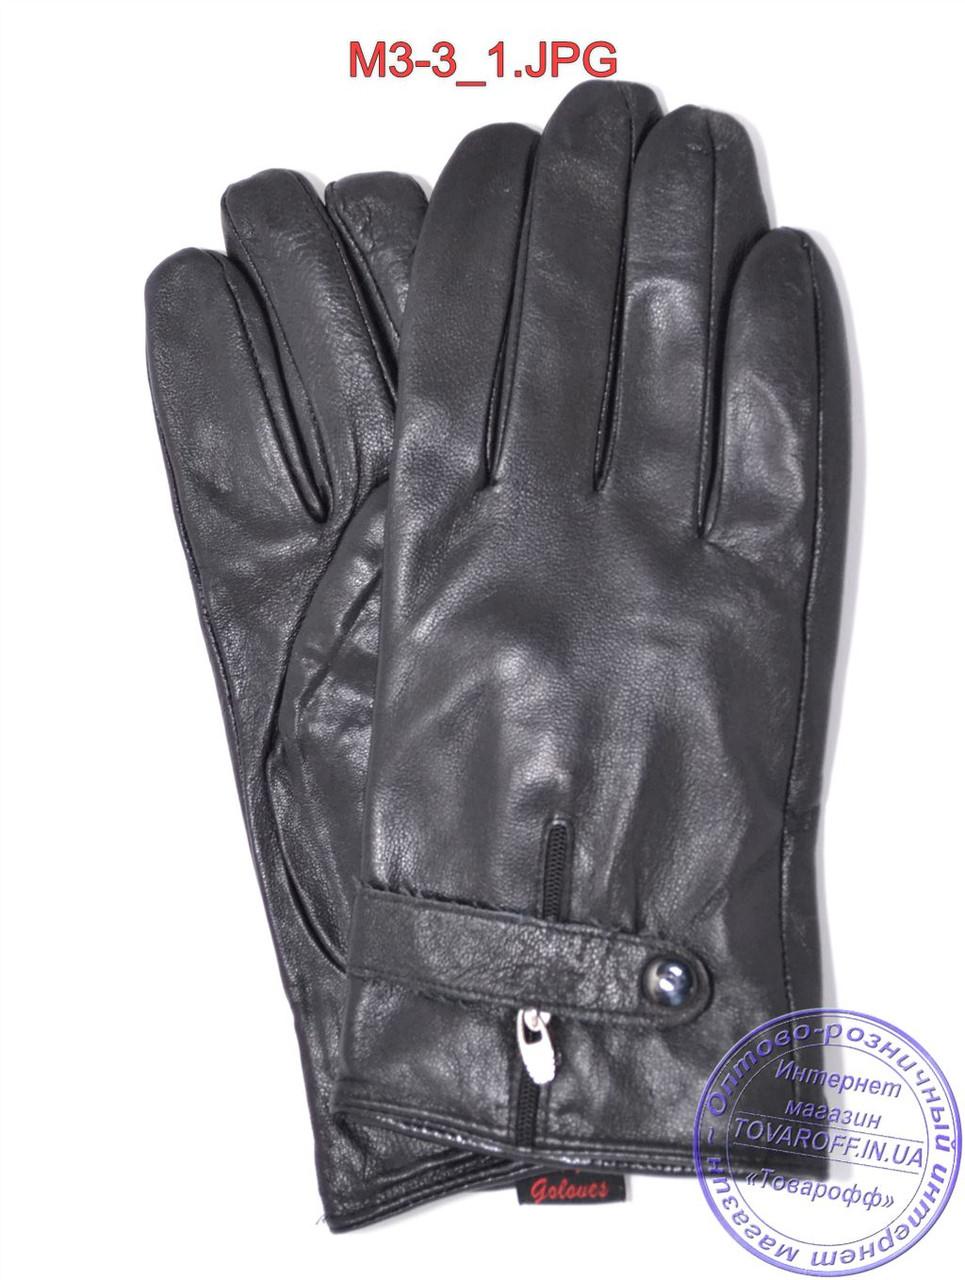 Оптом мужские кожаные перчатки с плюшевой подкладкой  - №M3-3